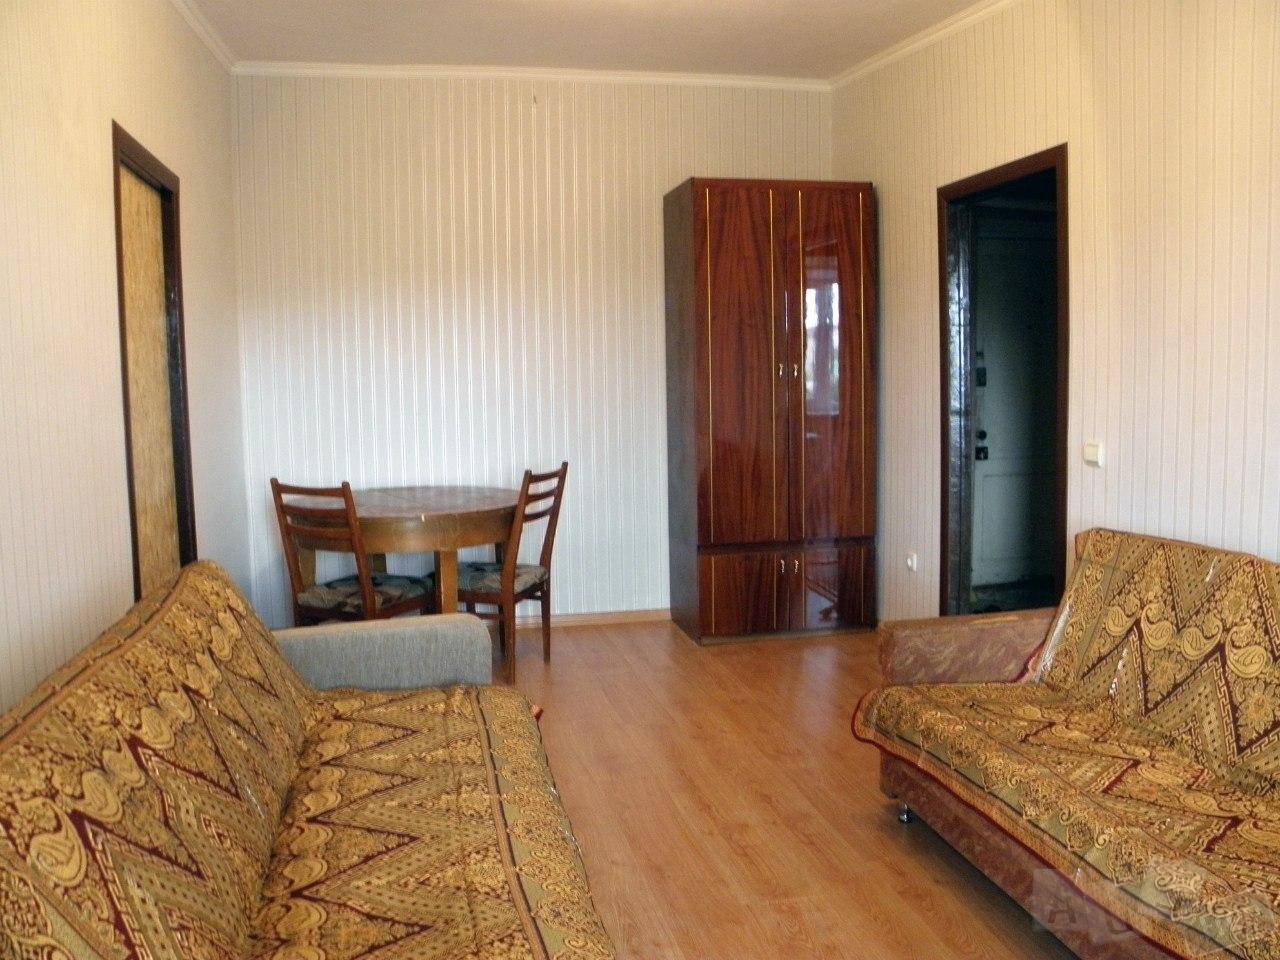 Сдается 1-комнатная квартира. 3-4 спальных места.